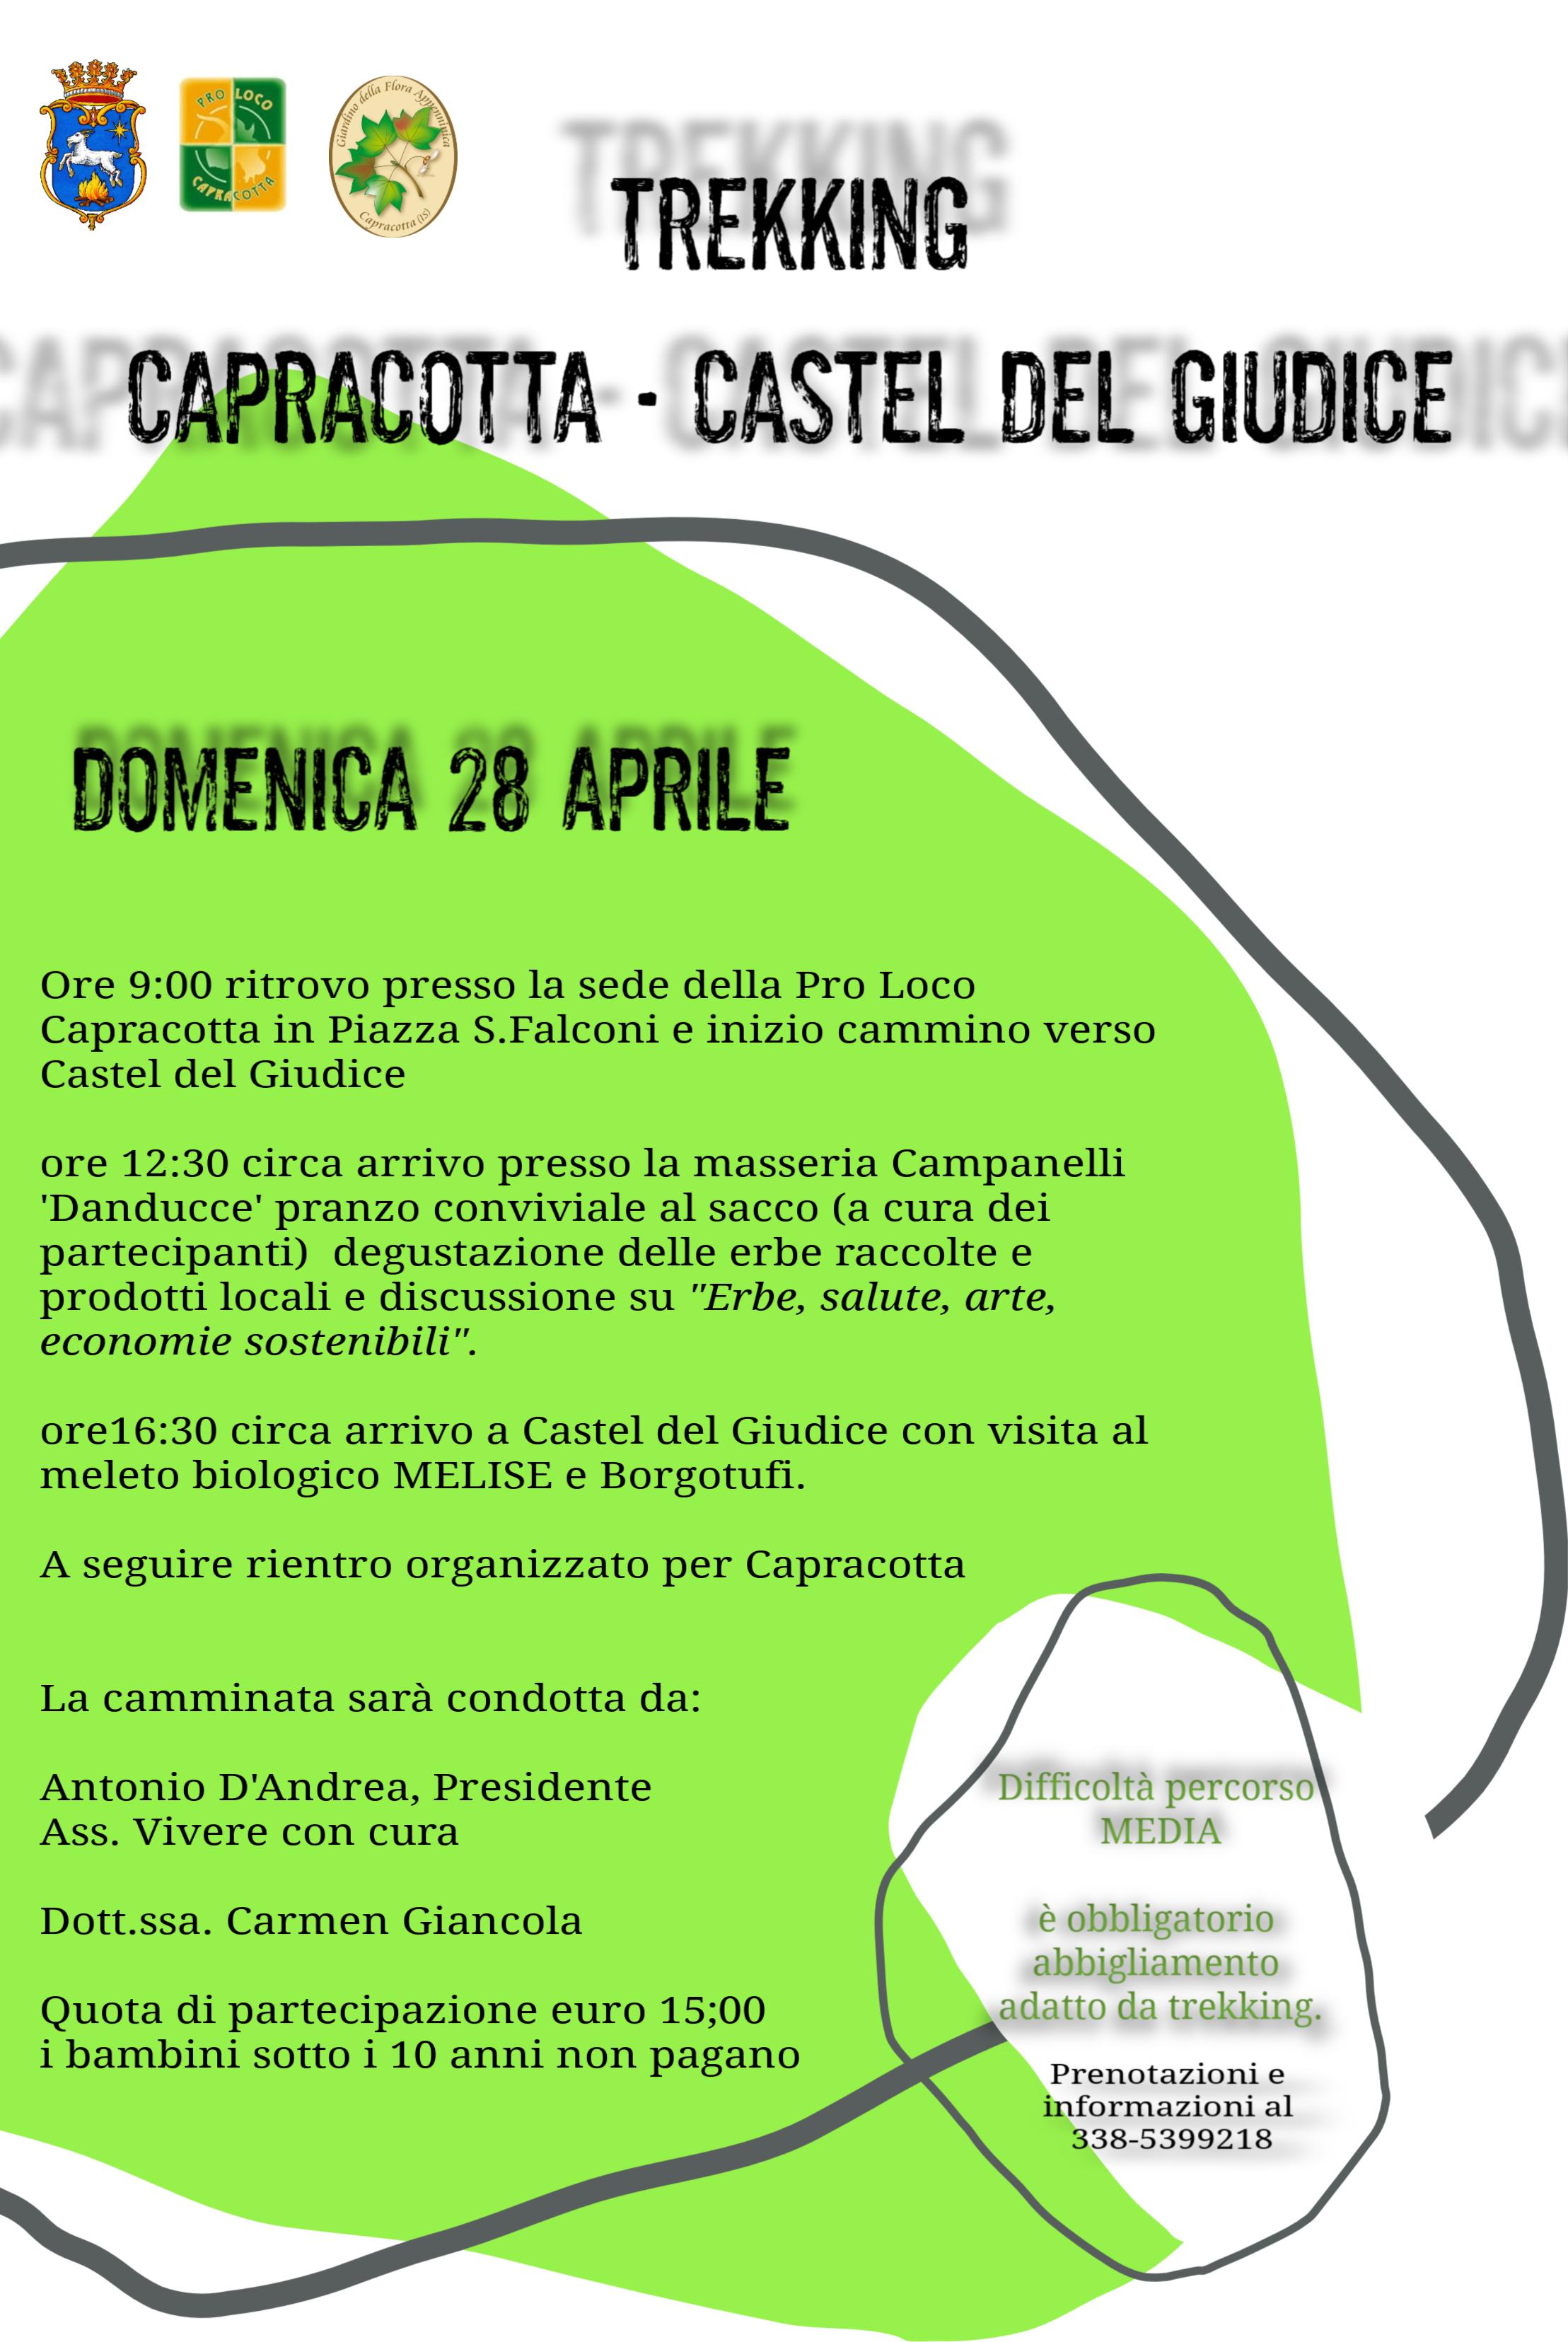 Camminata Multidisciplinare Capracotta – Castel del Giudice 28 Aprile 2019